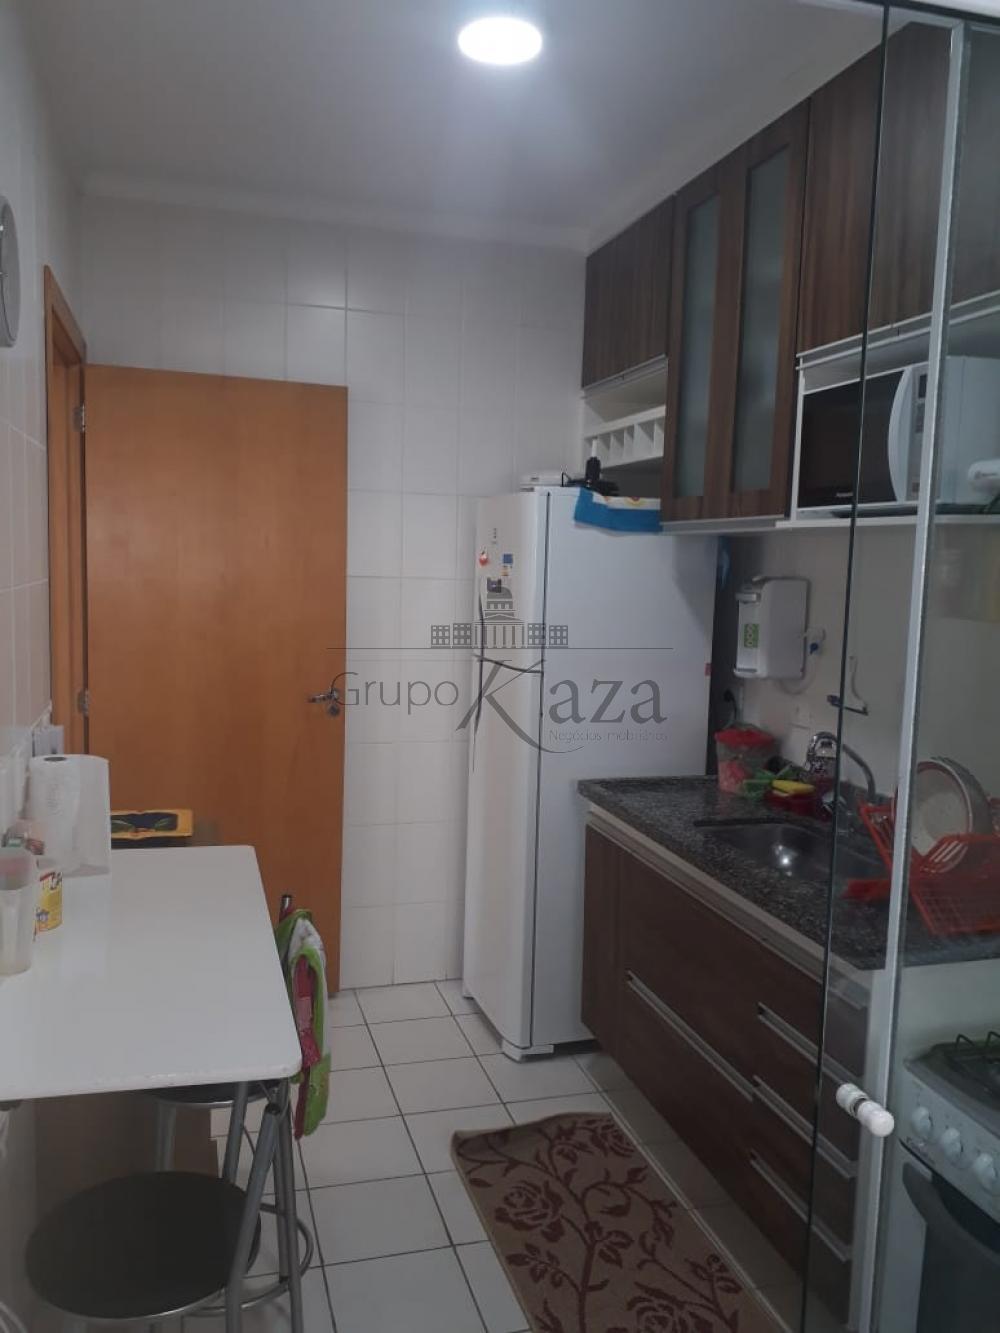 alt='Alugar Apartamento / Padrão em São José dos Campos R$ 2.200,00 - Foto 4' title='Alugar Apartamento / Padrão em São José dos Campos R$ 2.200,00 - Foto 4'